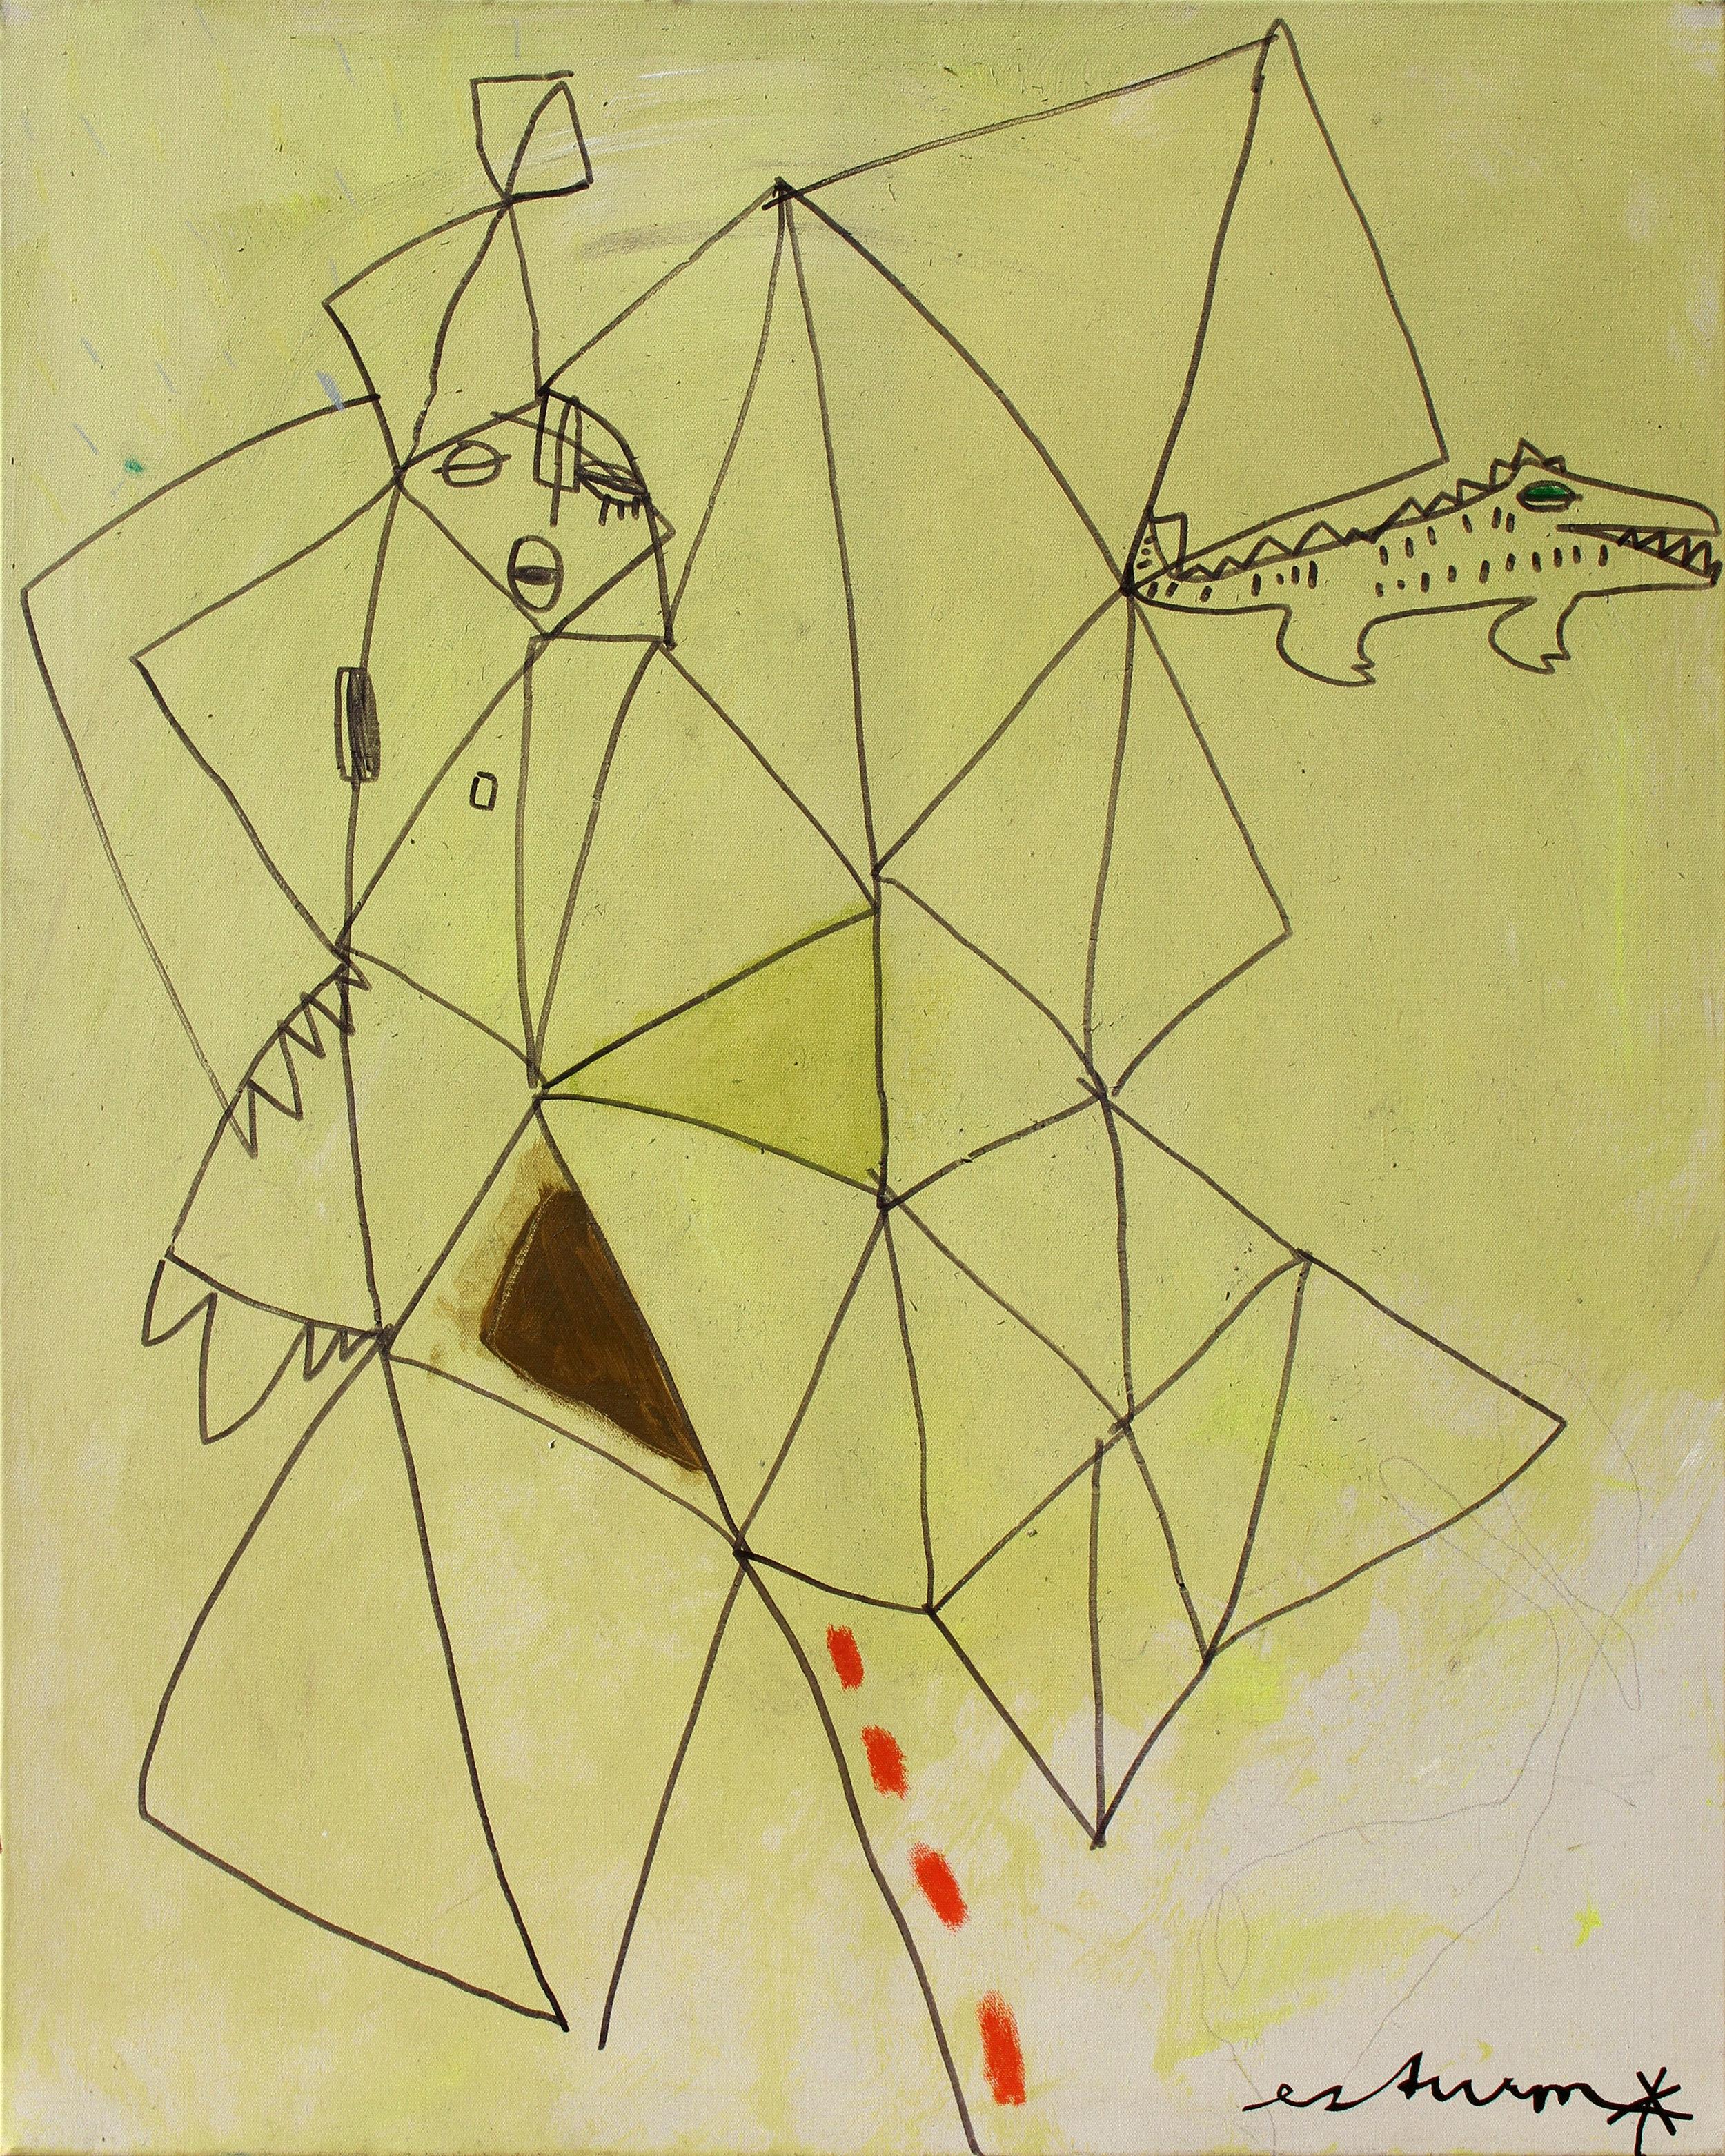 african pattern (2005) Acryl, Marker, Ölkreiden auf Leinwand 80 x 100 cm